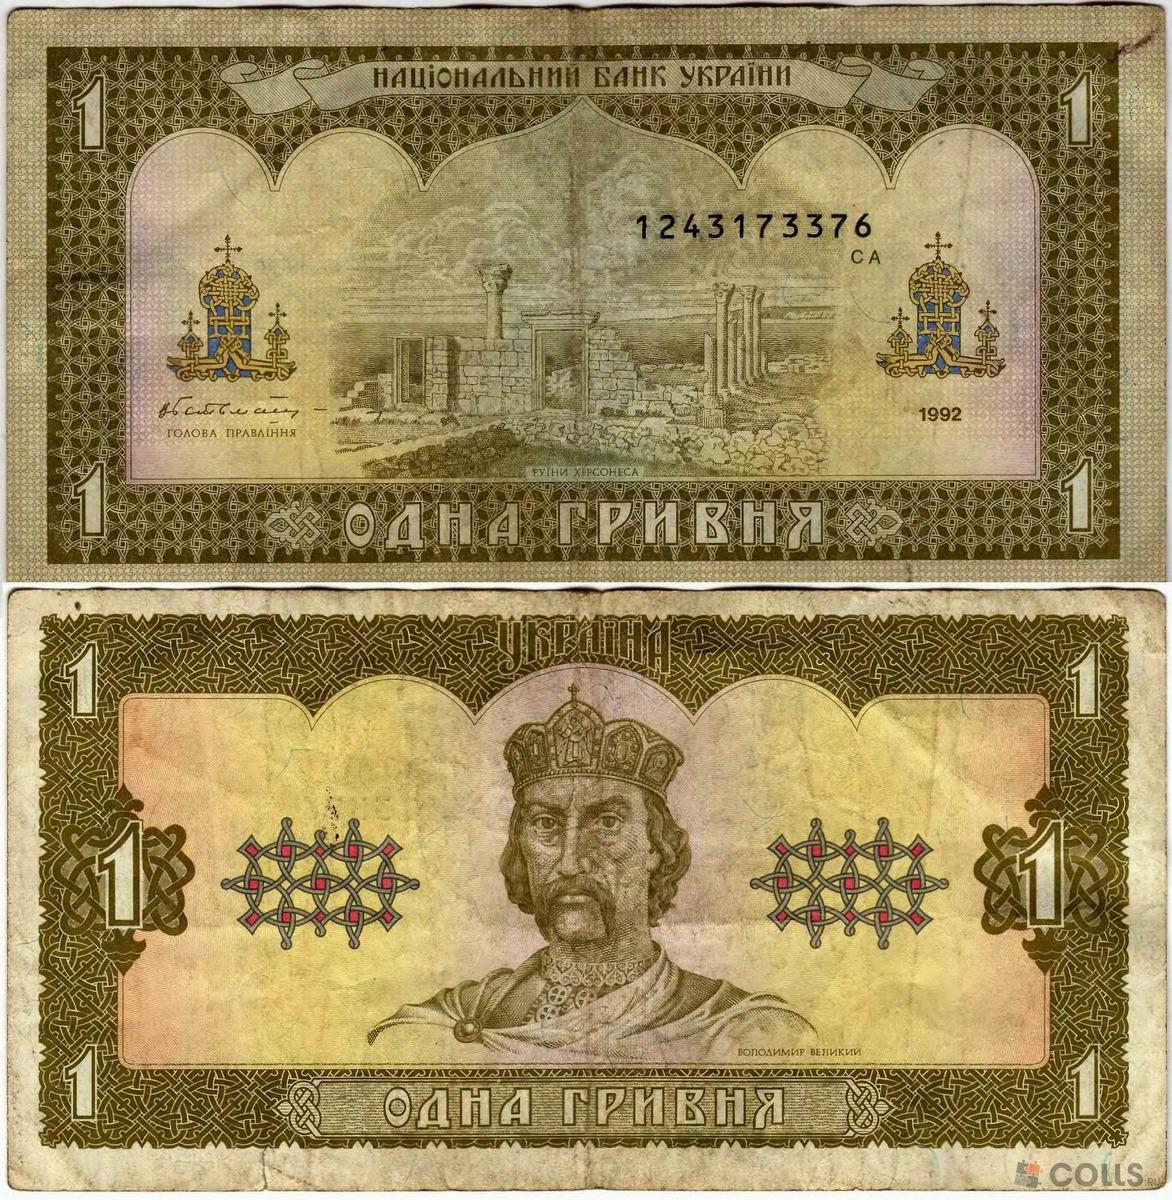 Гривна 1992 5 рублей 1898 года вес монеты